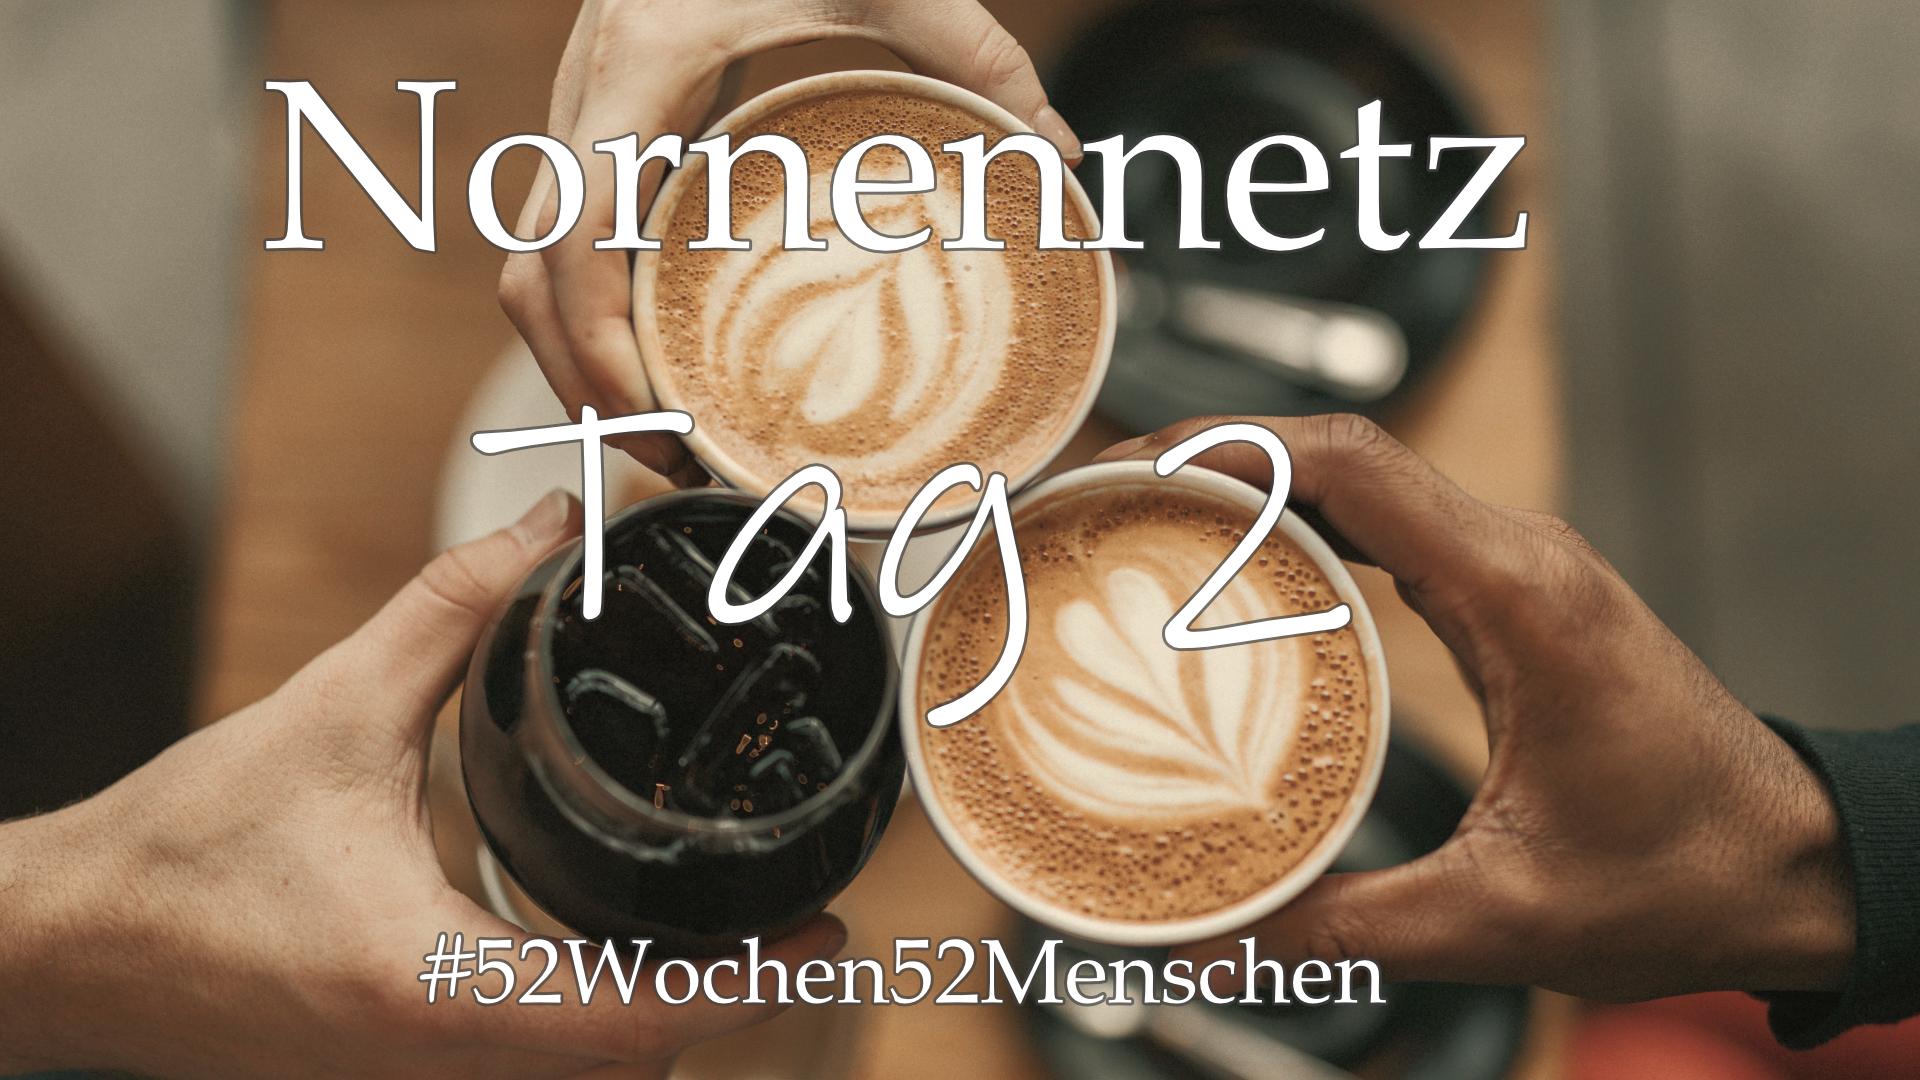 #52Wochen52Menschen: KW2 – Nornennetzwerk- Tag 2